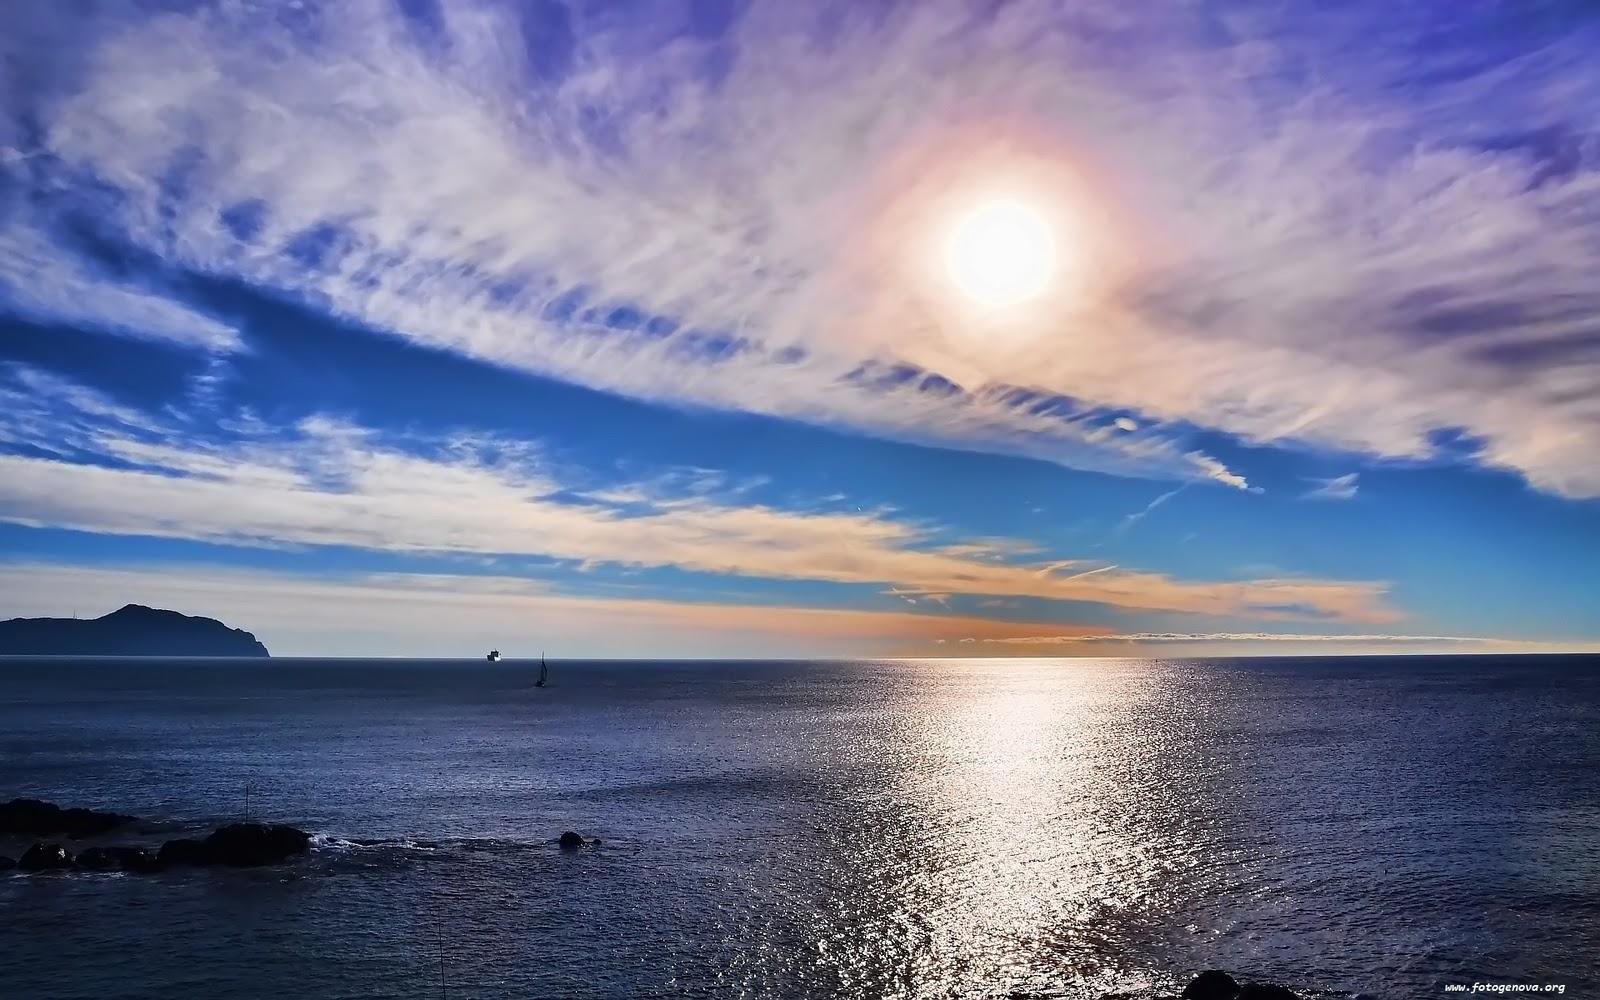 http://4.bp.blogspot.com/-KbZrV5z_uZ8/Tr1cFphqYHI/AAAAAAAAA5E/Msb3fXNhzrE/s1600/Sea+Wallpaper+07.jpg